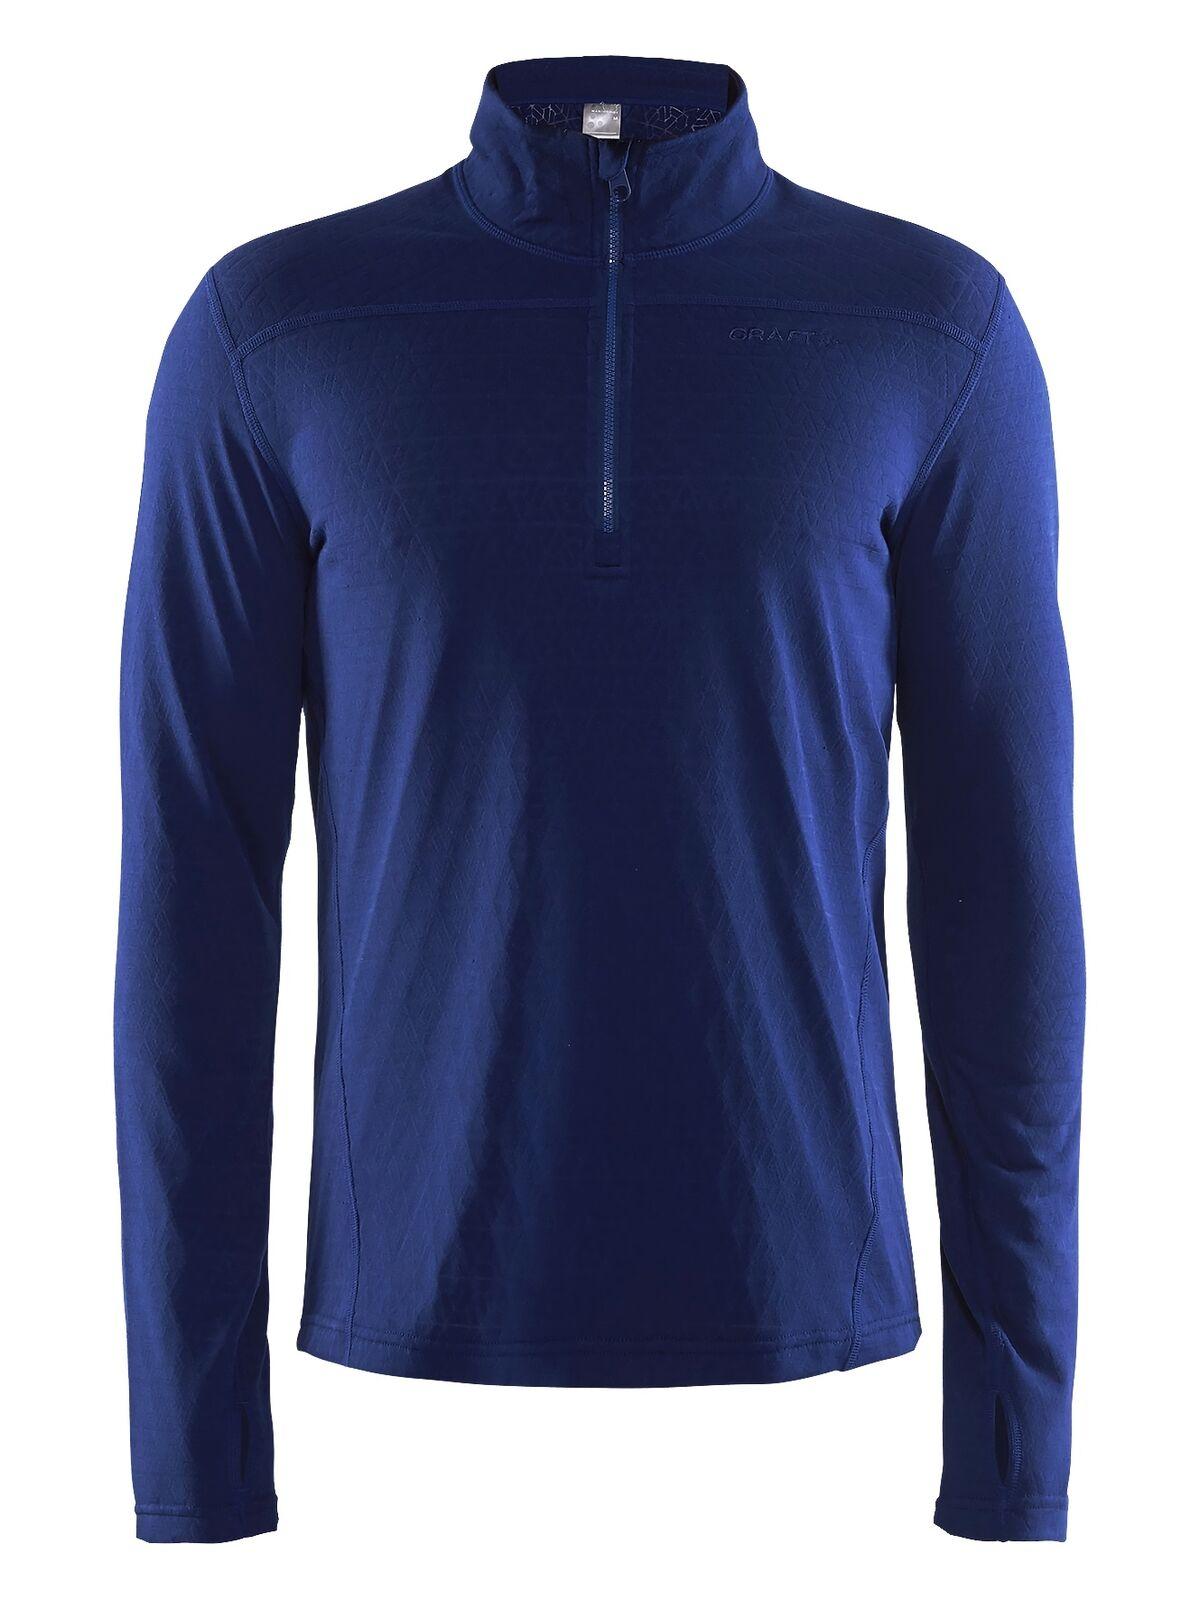 Craft Pin half Zip M MEN'S Jumper Sweatshirt Long Sleeve Sport Sweaters